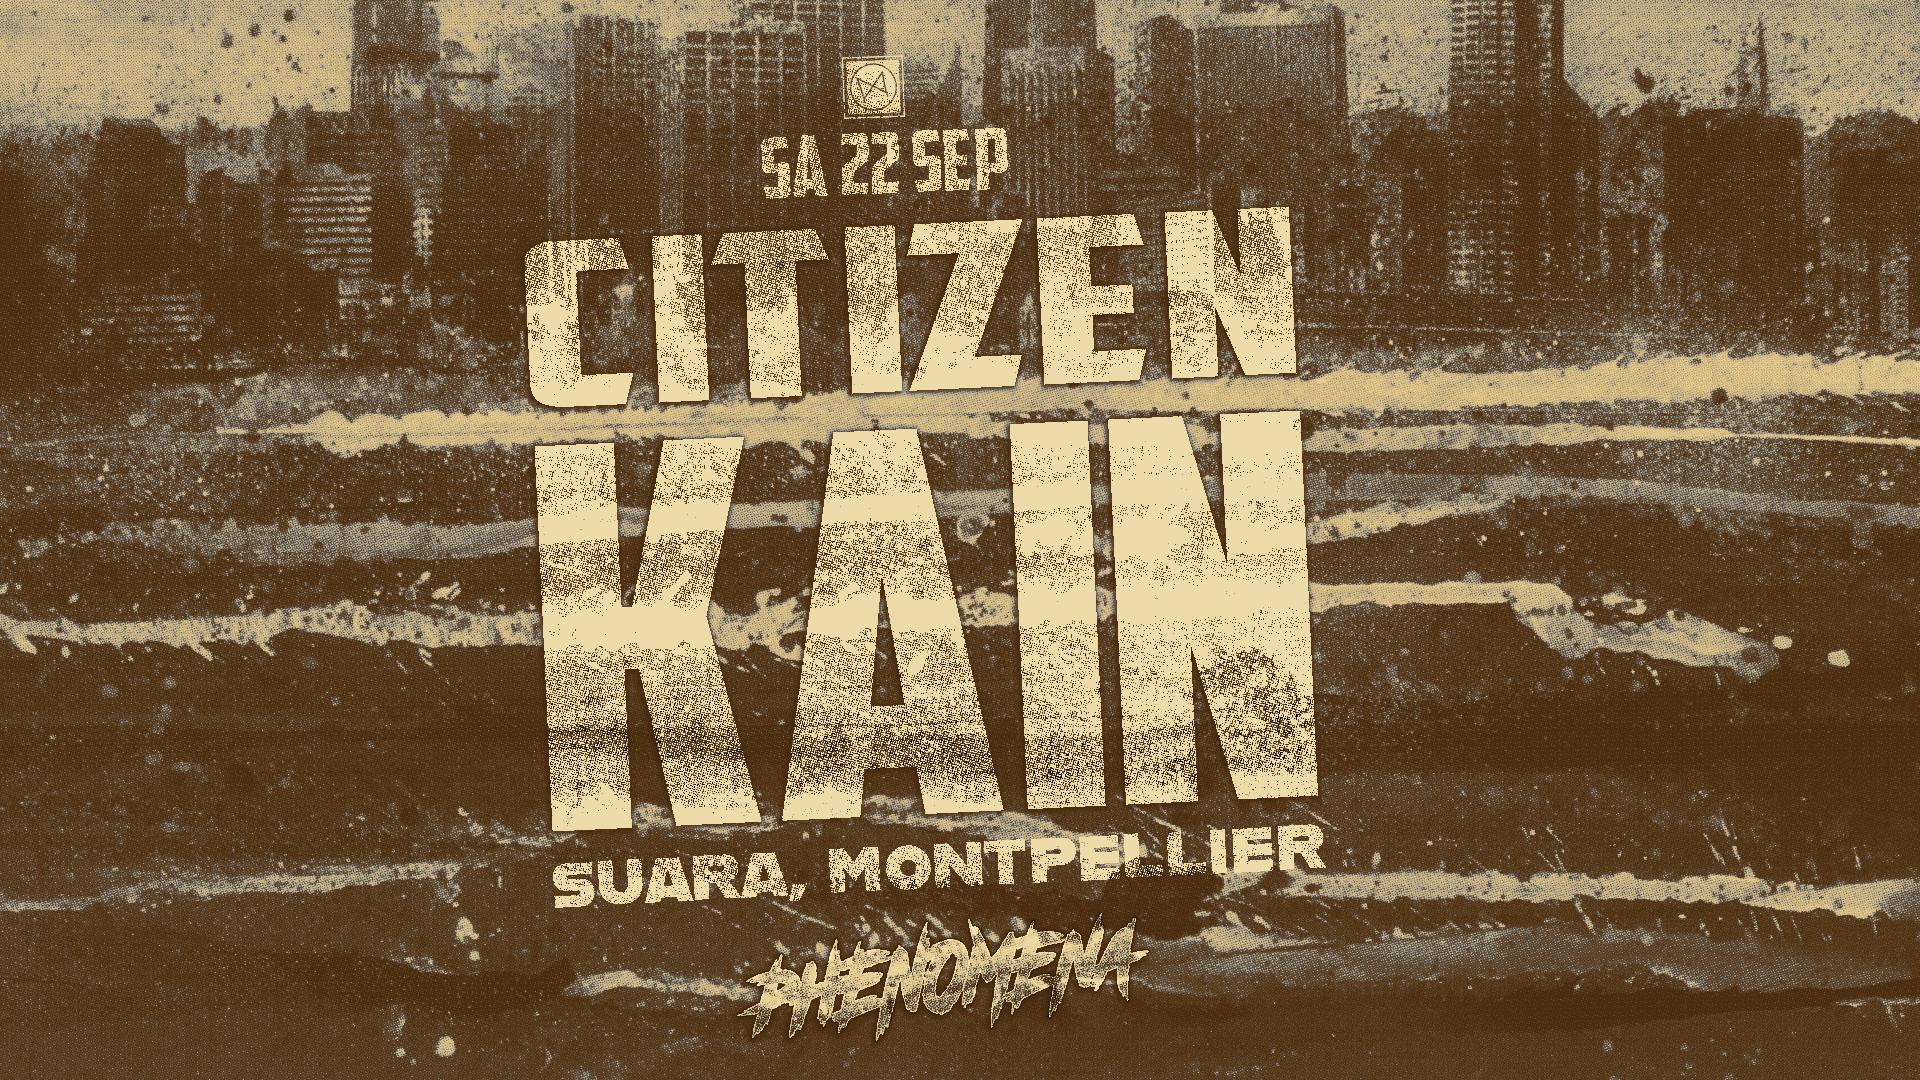 Phenomena /w Citizen Kain (Suara, Montpellier)